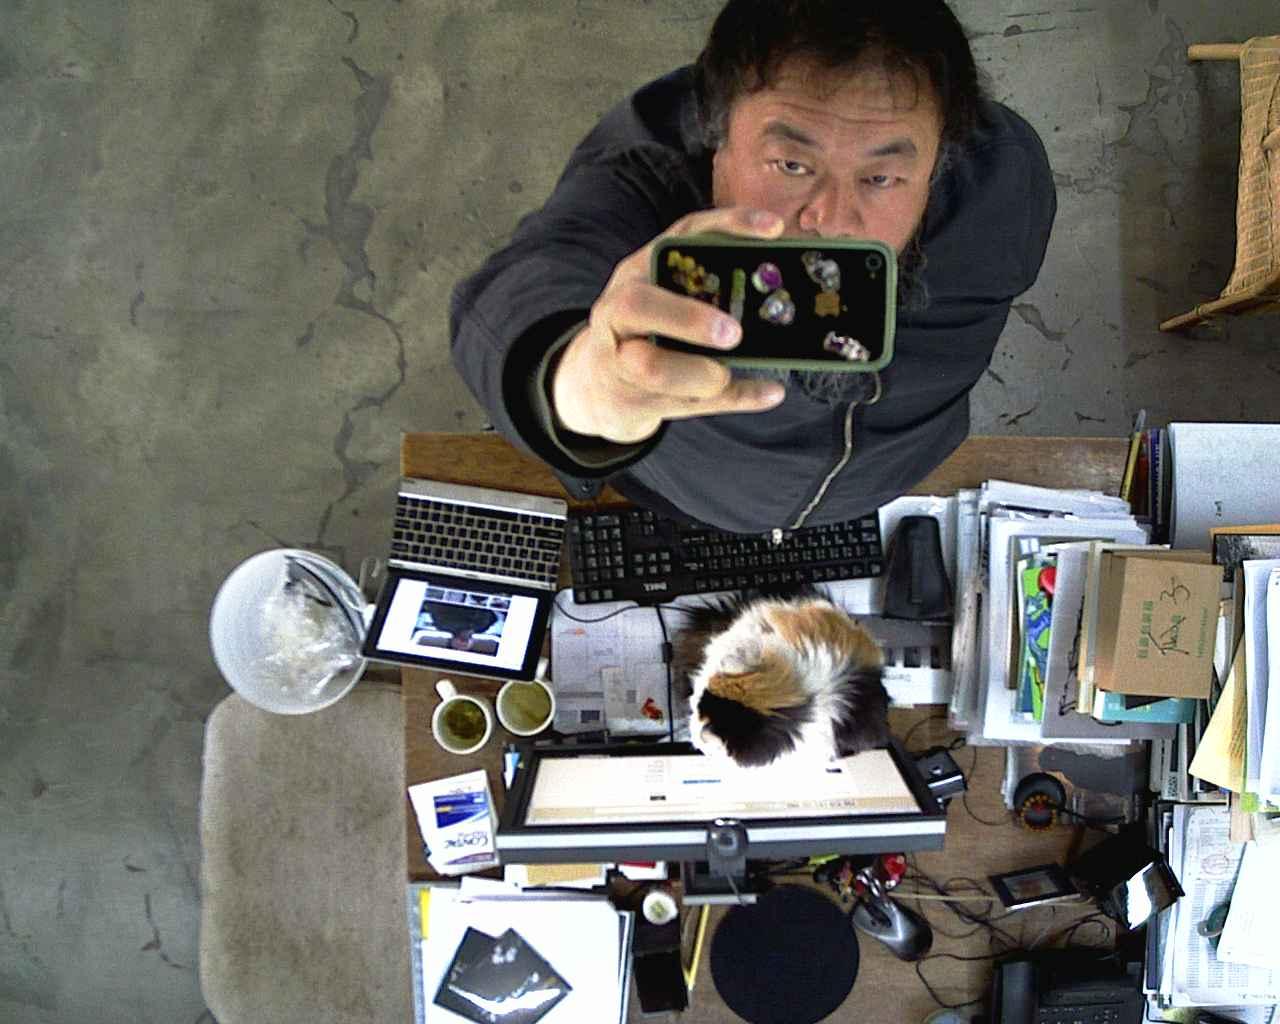 stills-from-weiweicam-which-is-now-offline-2012-2-c-ai-weiwei